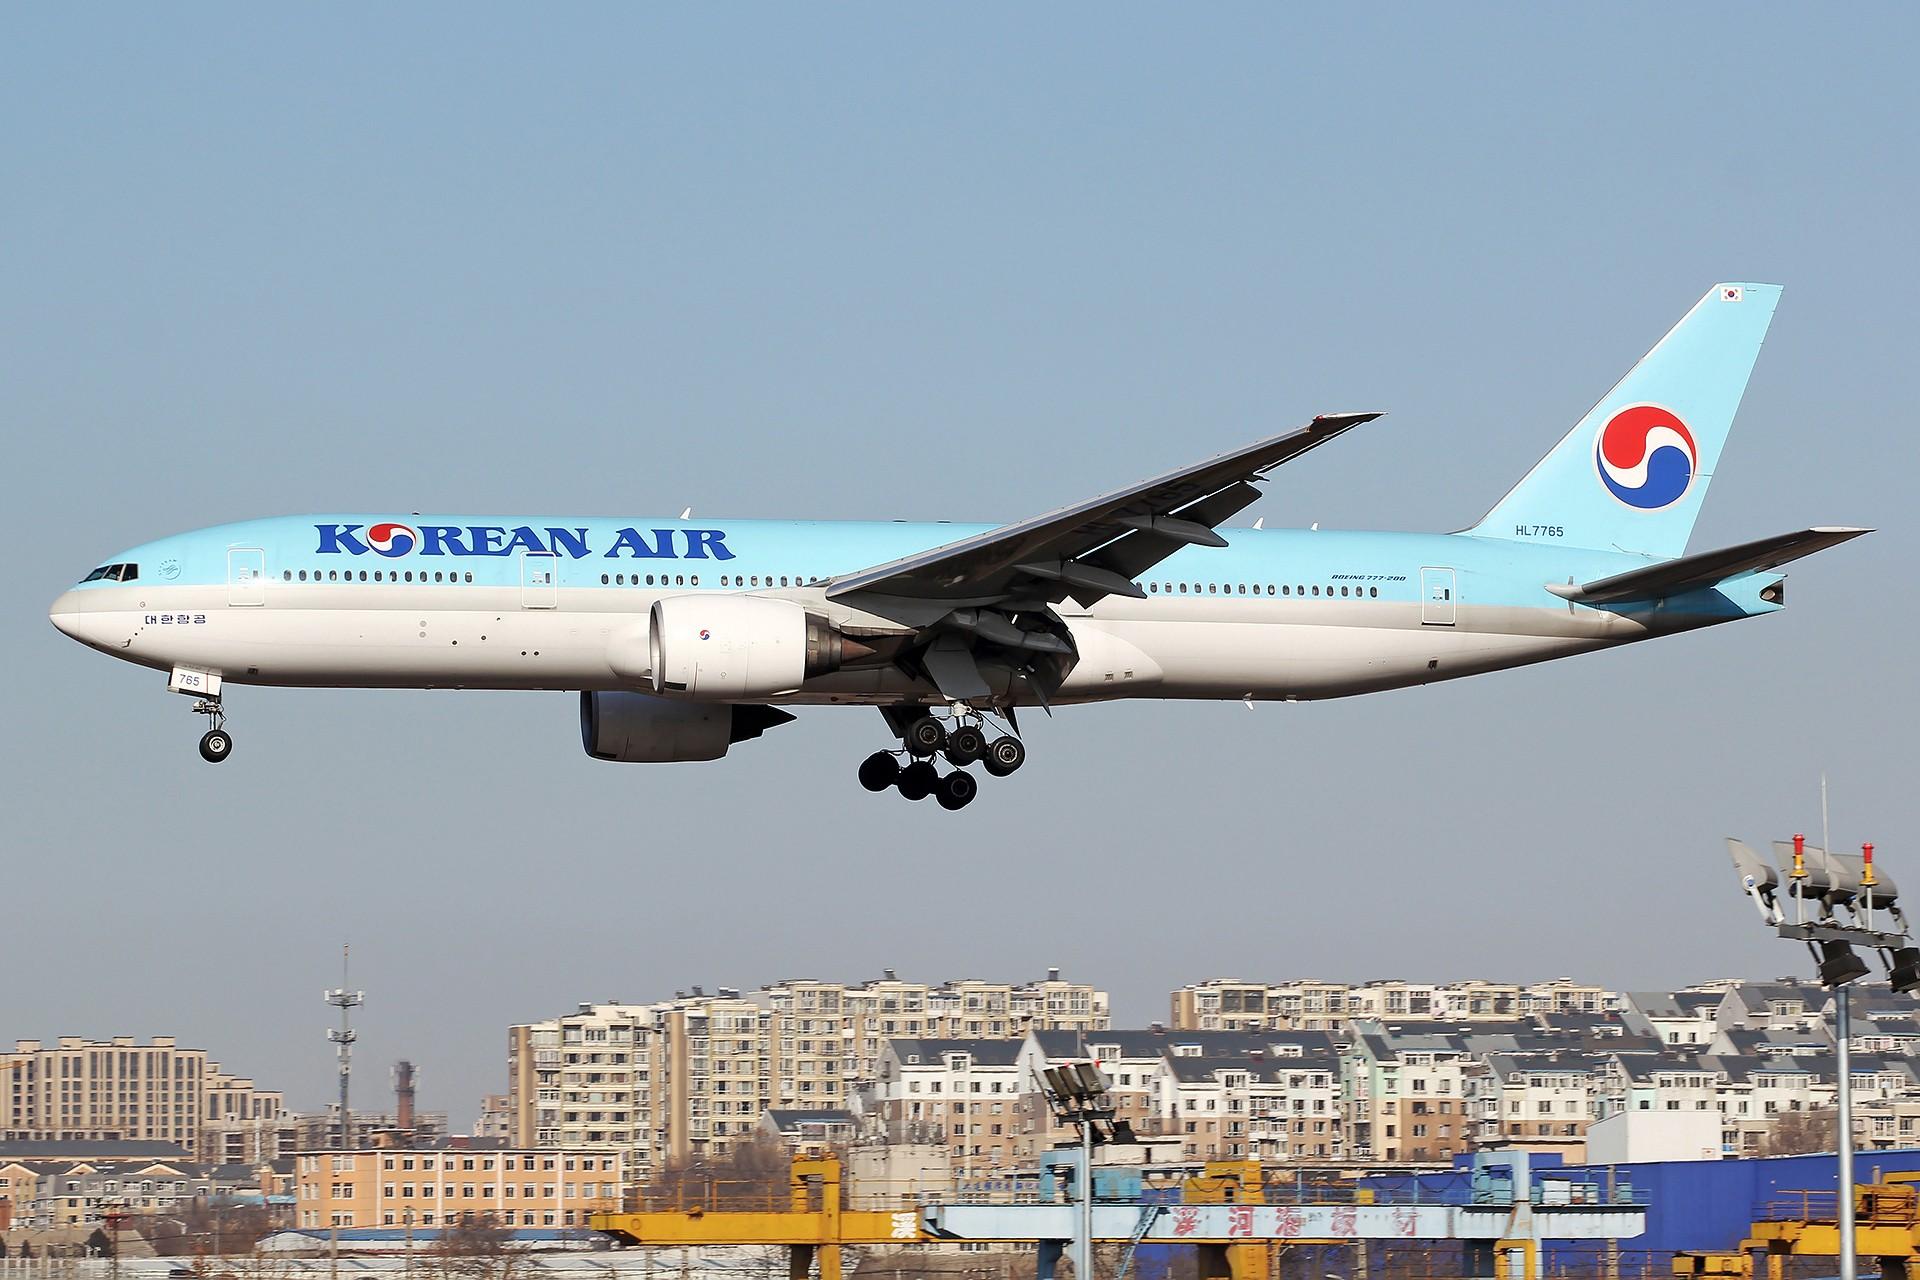 Re:[原创][DLC]。。。省略号吧,无标题。。。 BOEING 777-200ER HL7765 中国大连国际机场